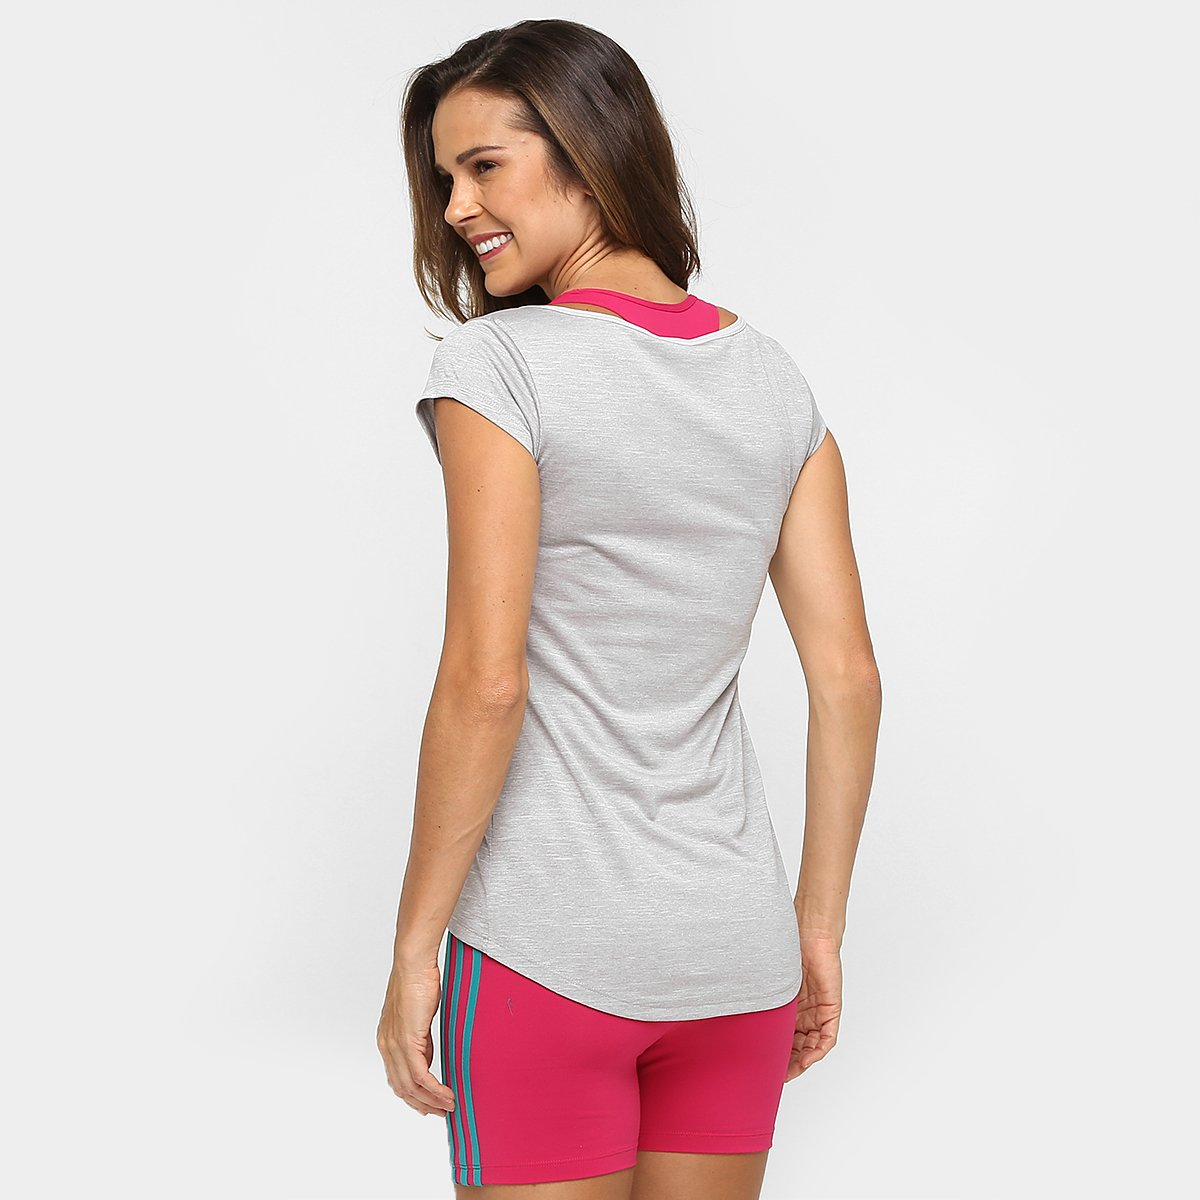 Mescla Camiseta Adidas Camiseta Ess Cinza Feminina Adidas Clima wqqpXHr